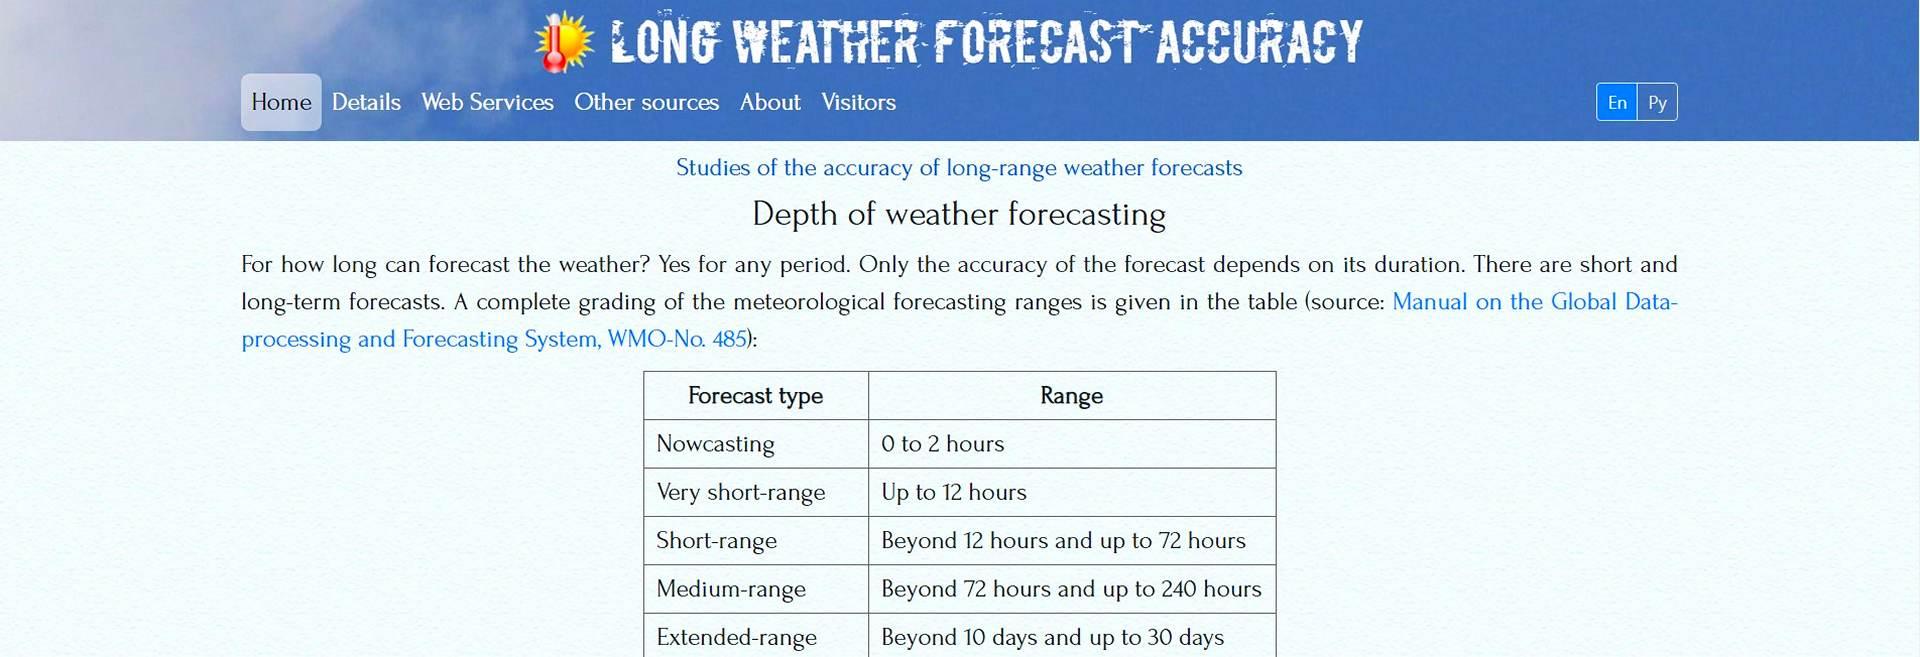 сайт где проводяться исследования долгострочных показаний точности прогноза погоды